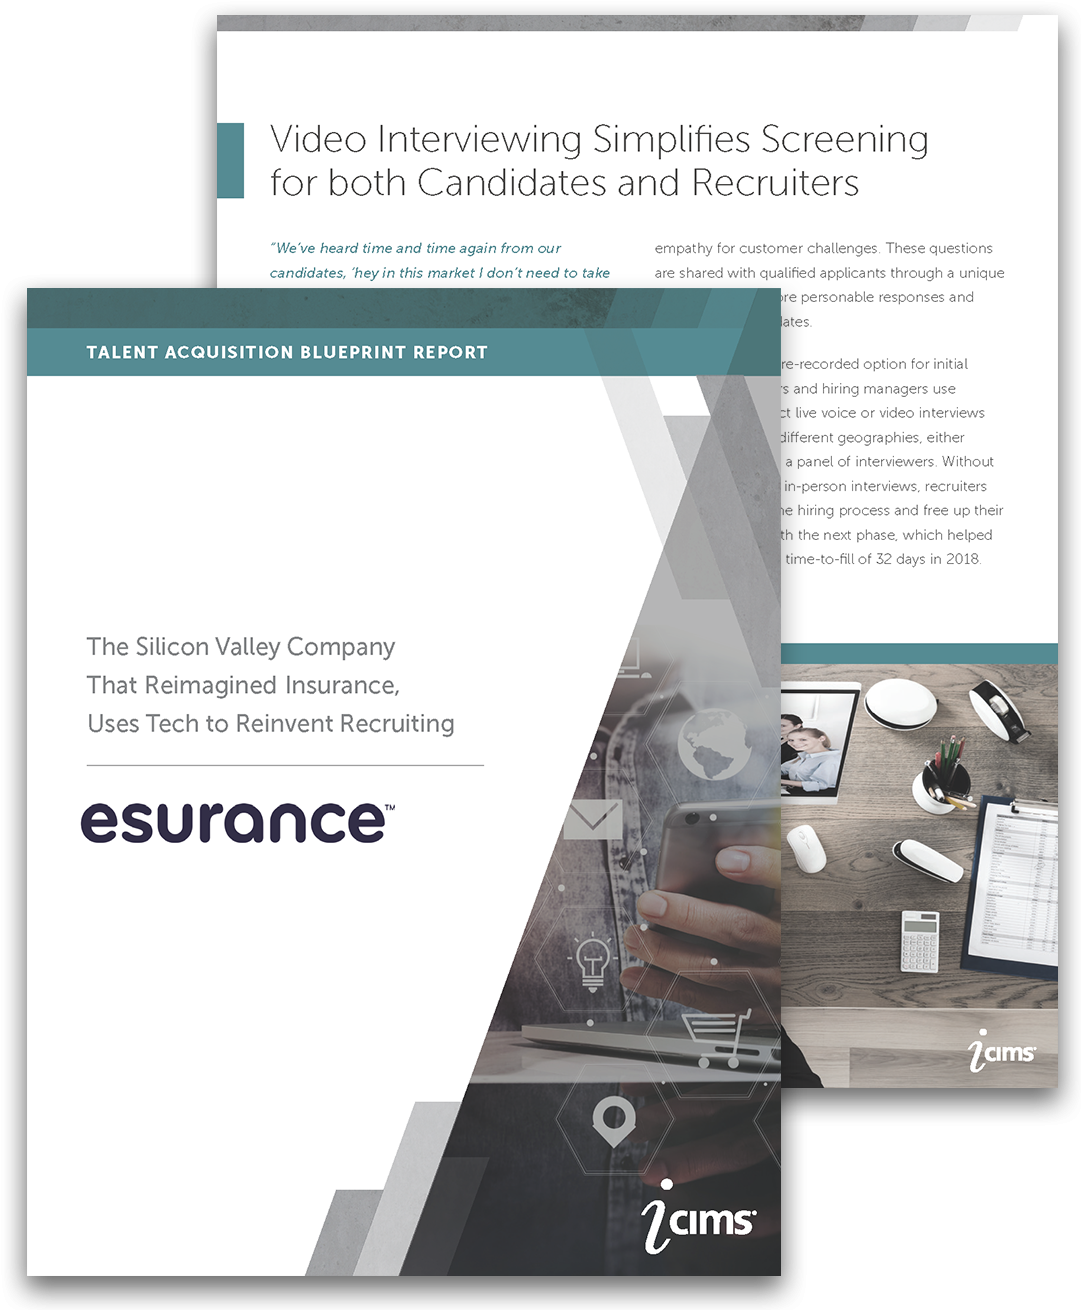 Esurance Talent Acquisition Blueprint Report